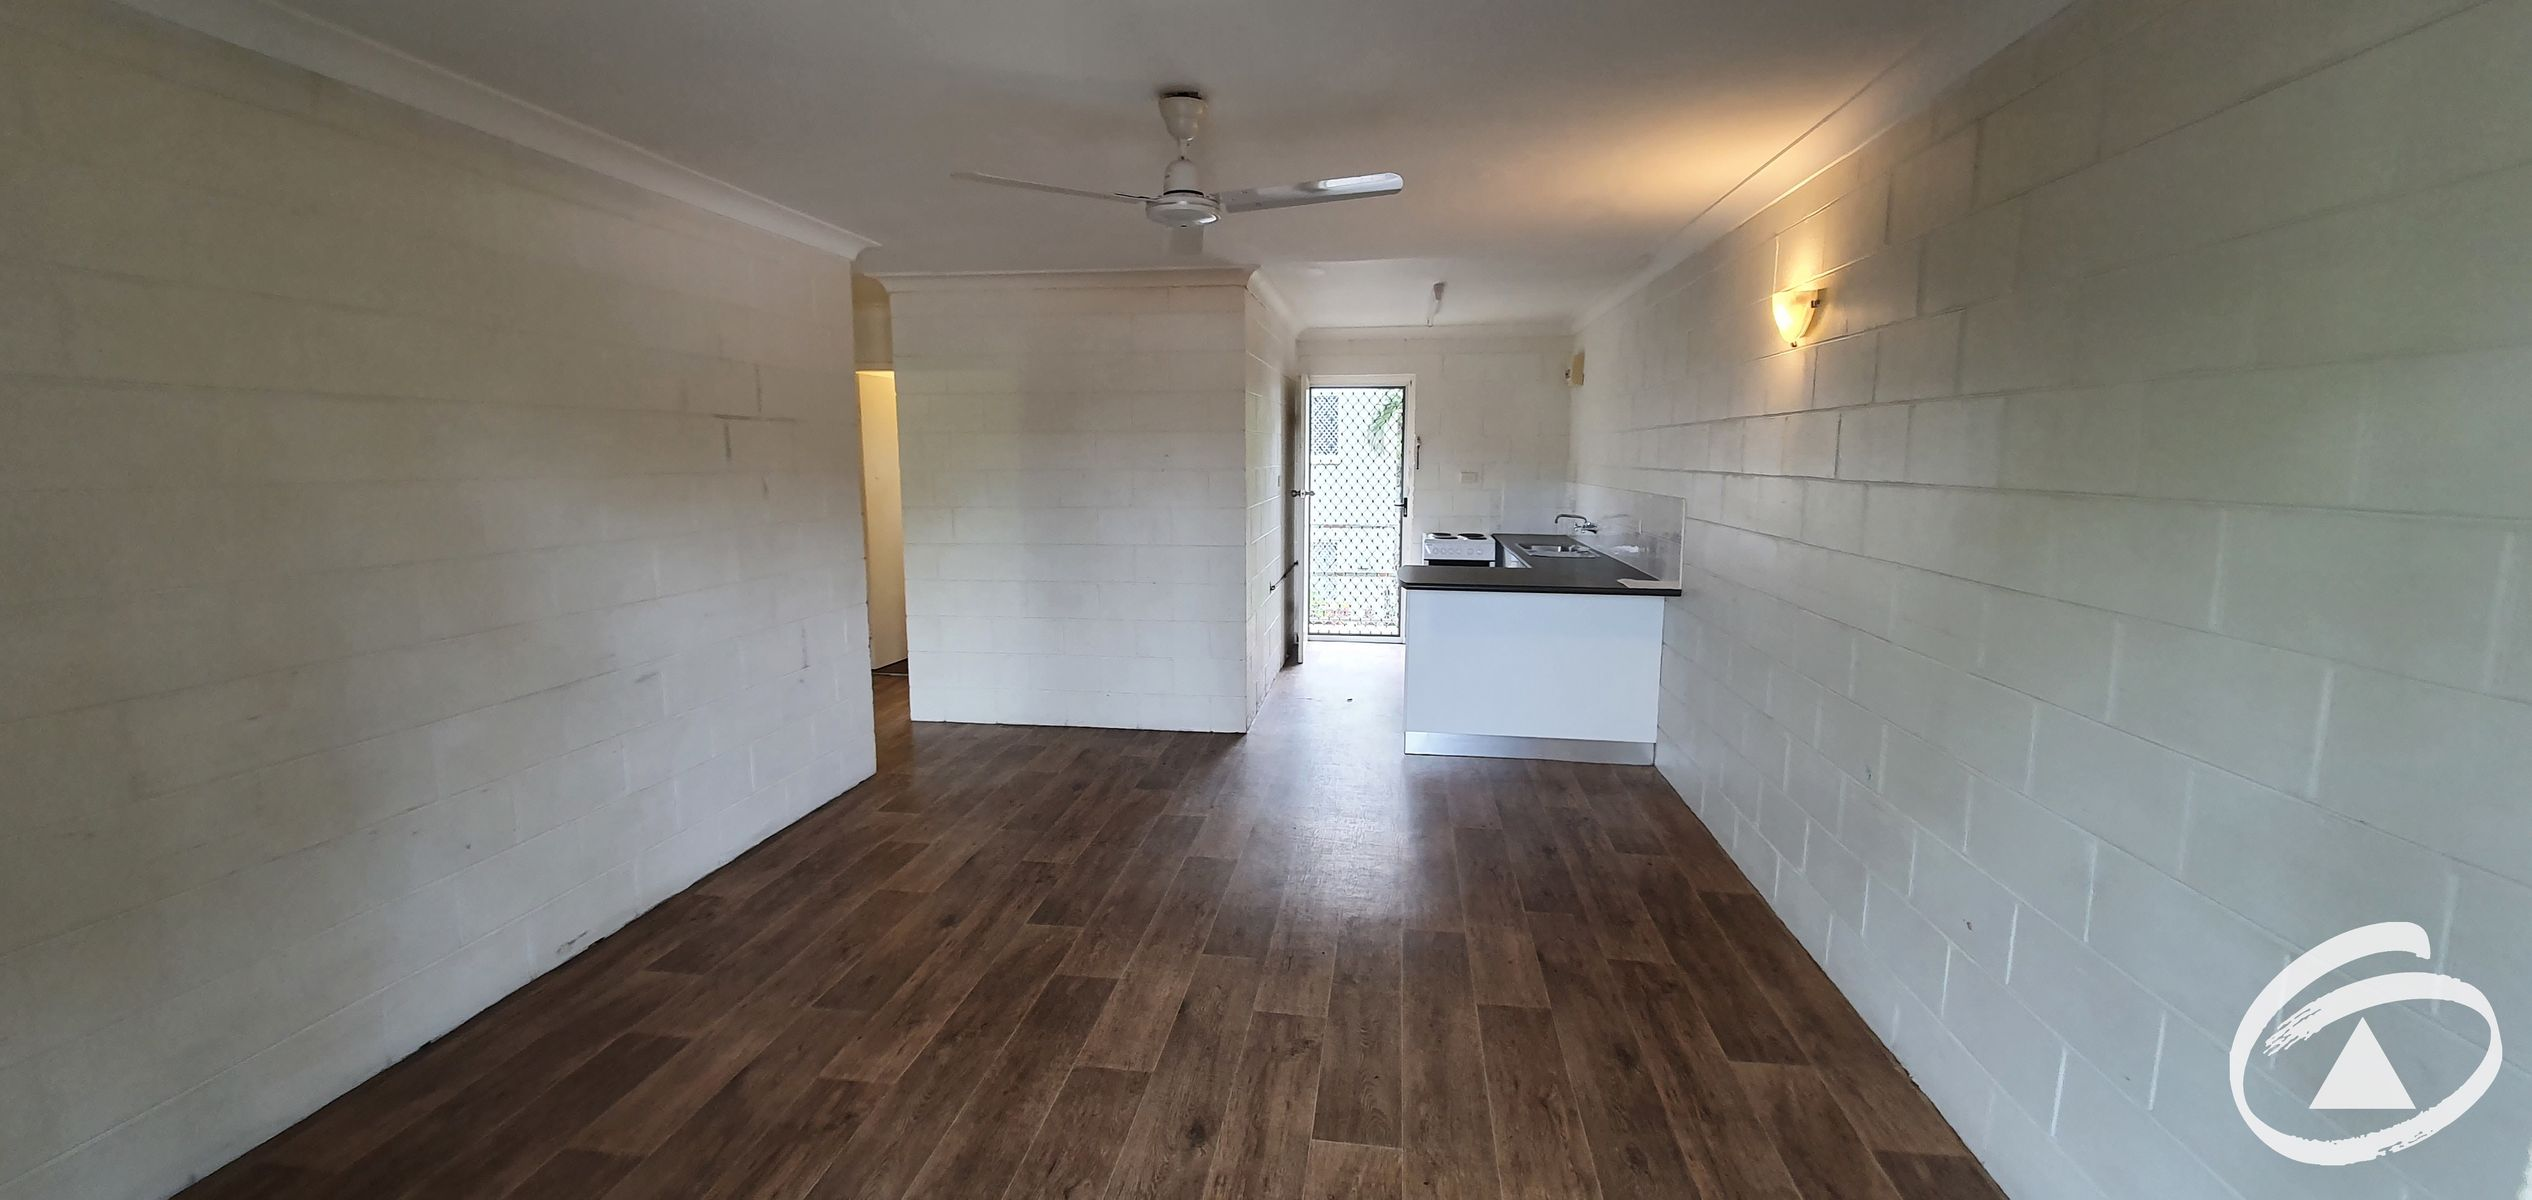 8/50 Alfred Street, Manunda, QLD 4870